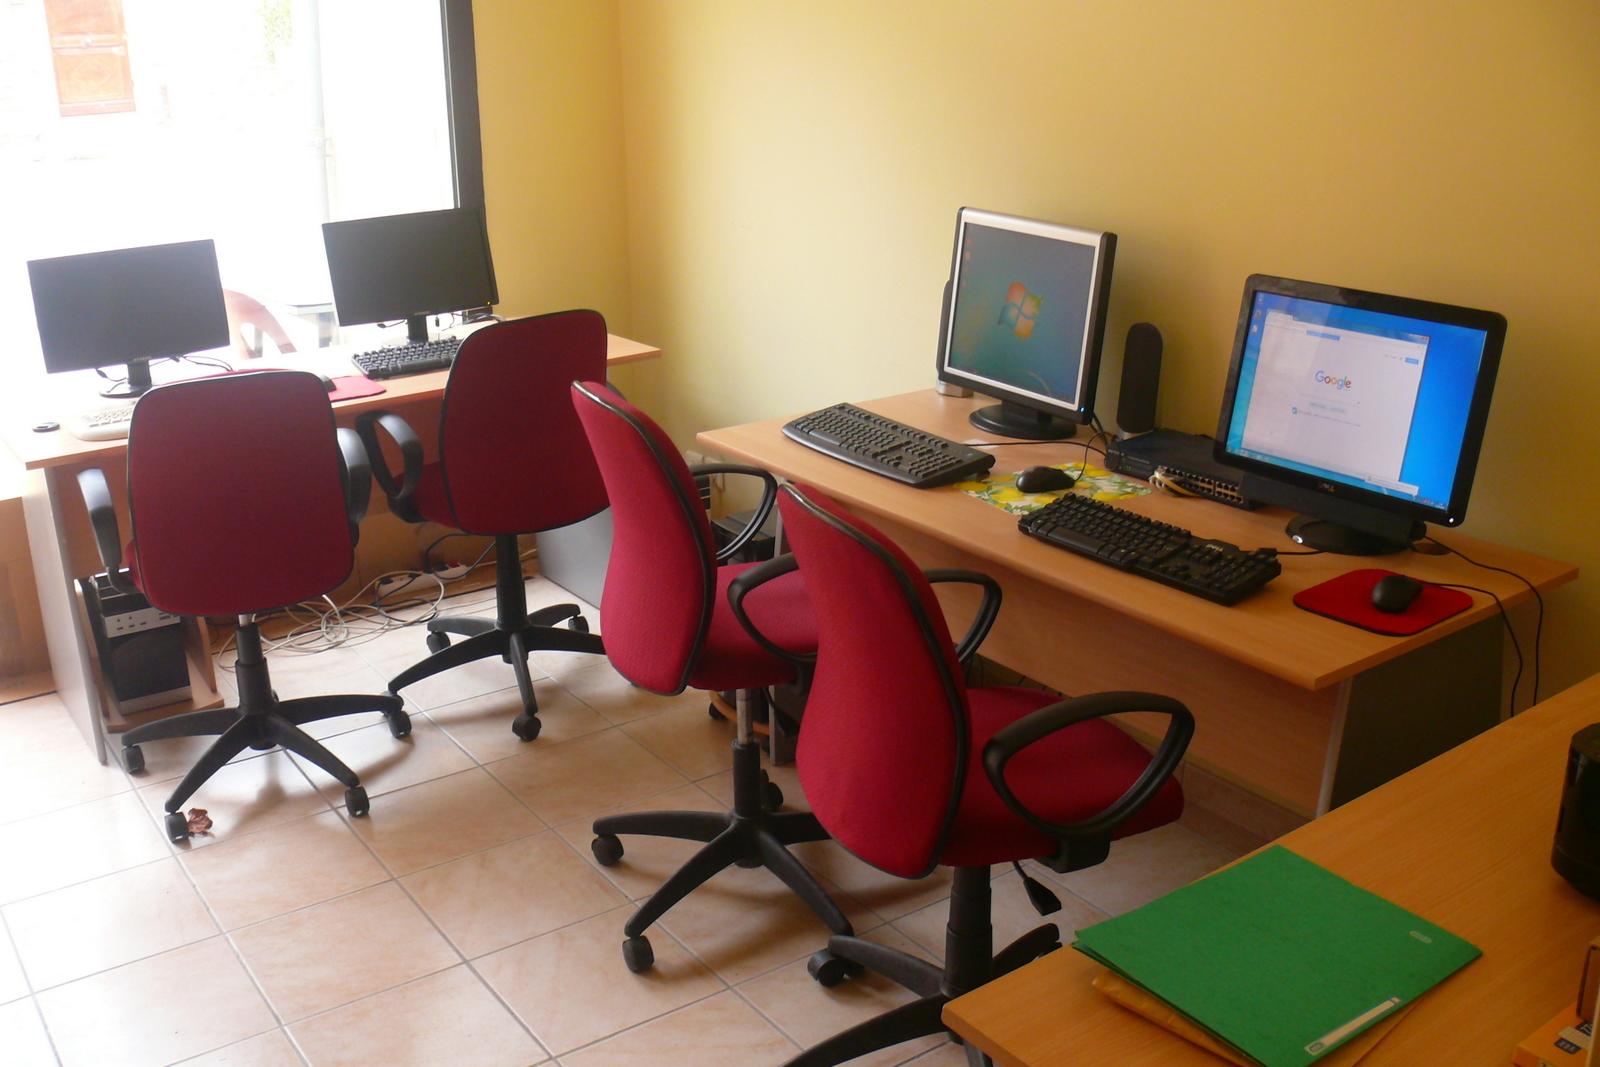 Salle informatique Saint-Sauveur-Gouvernet